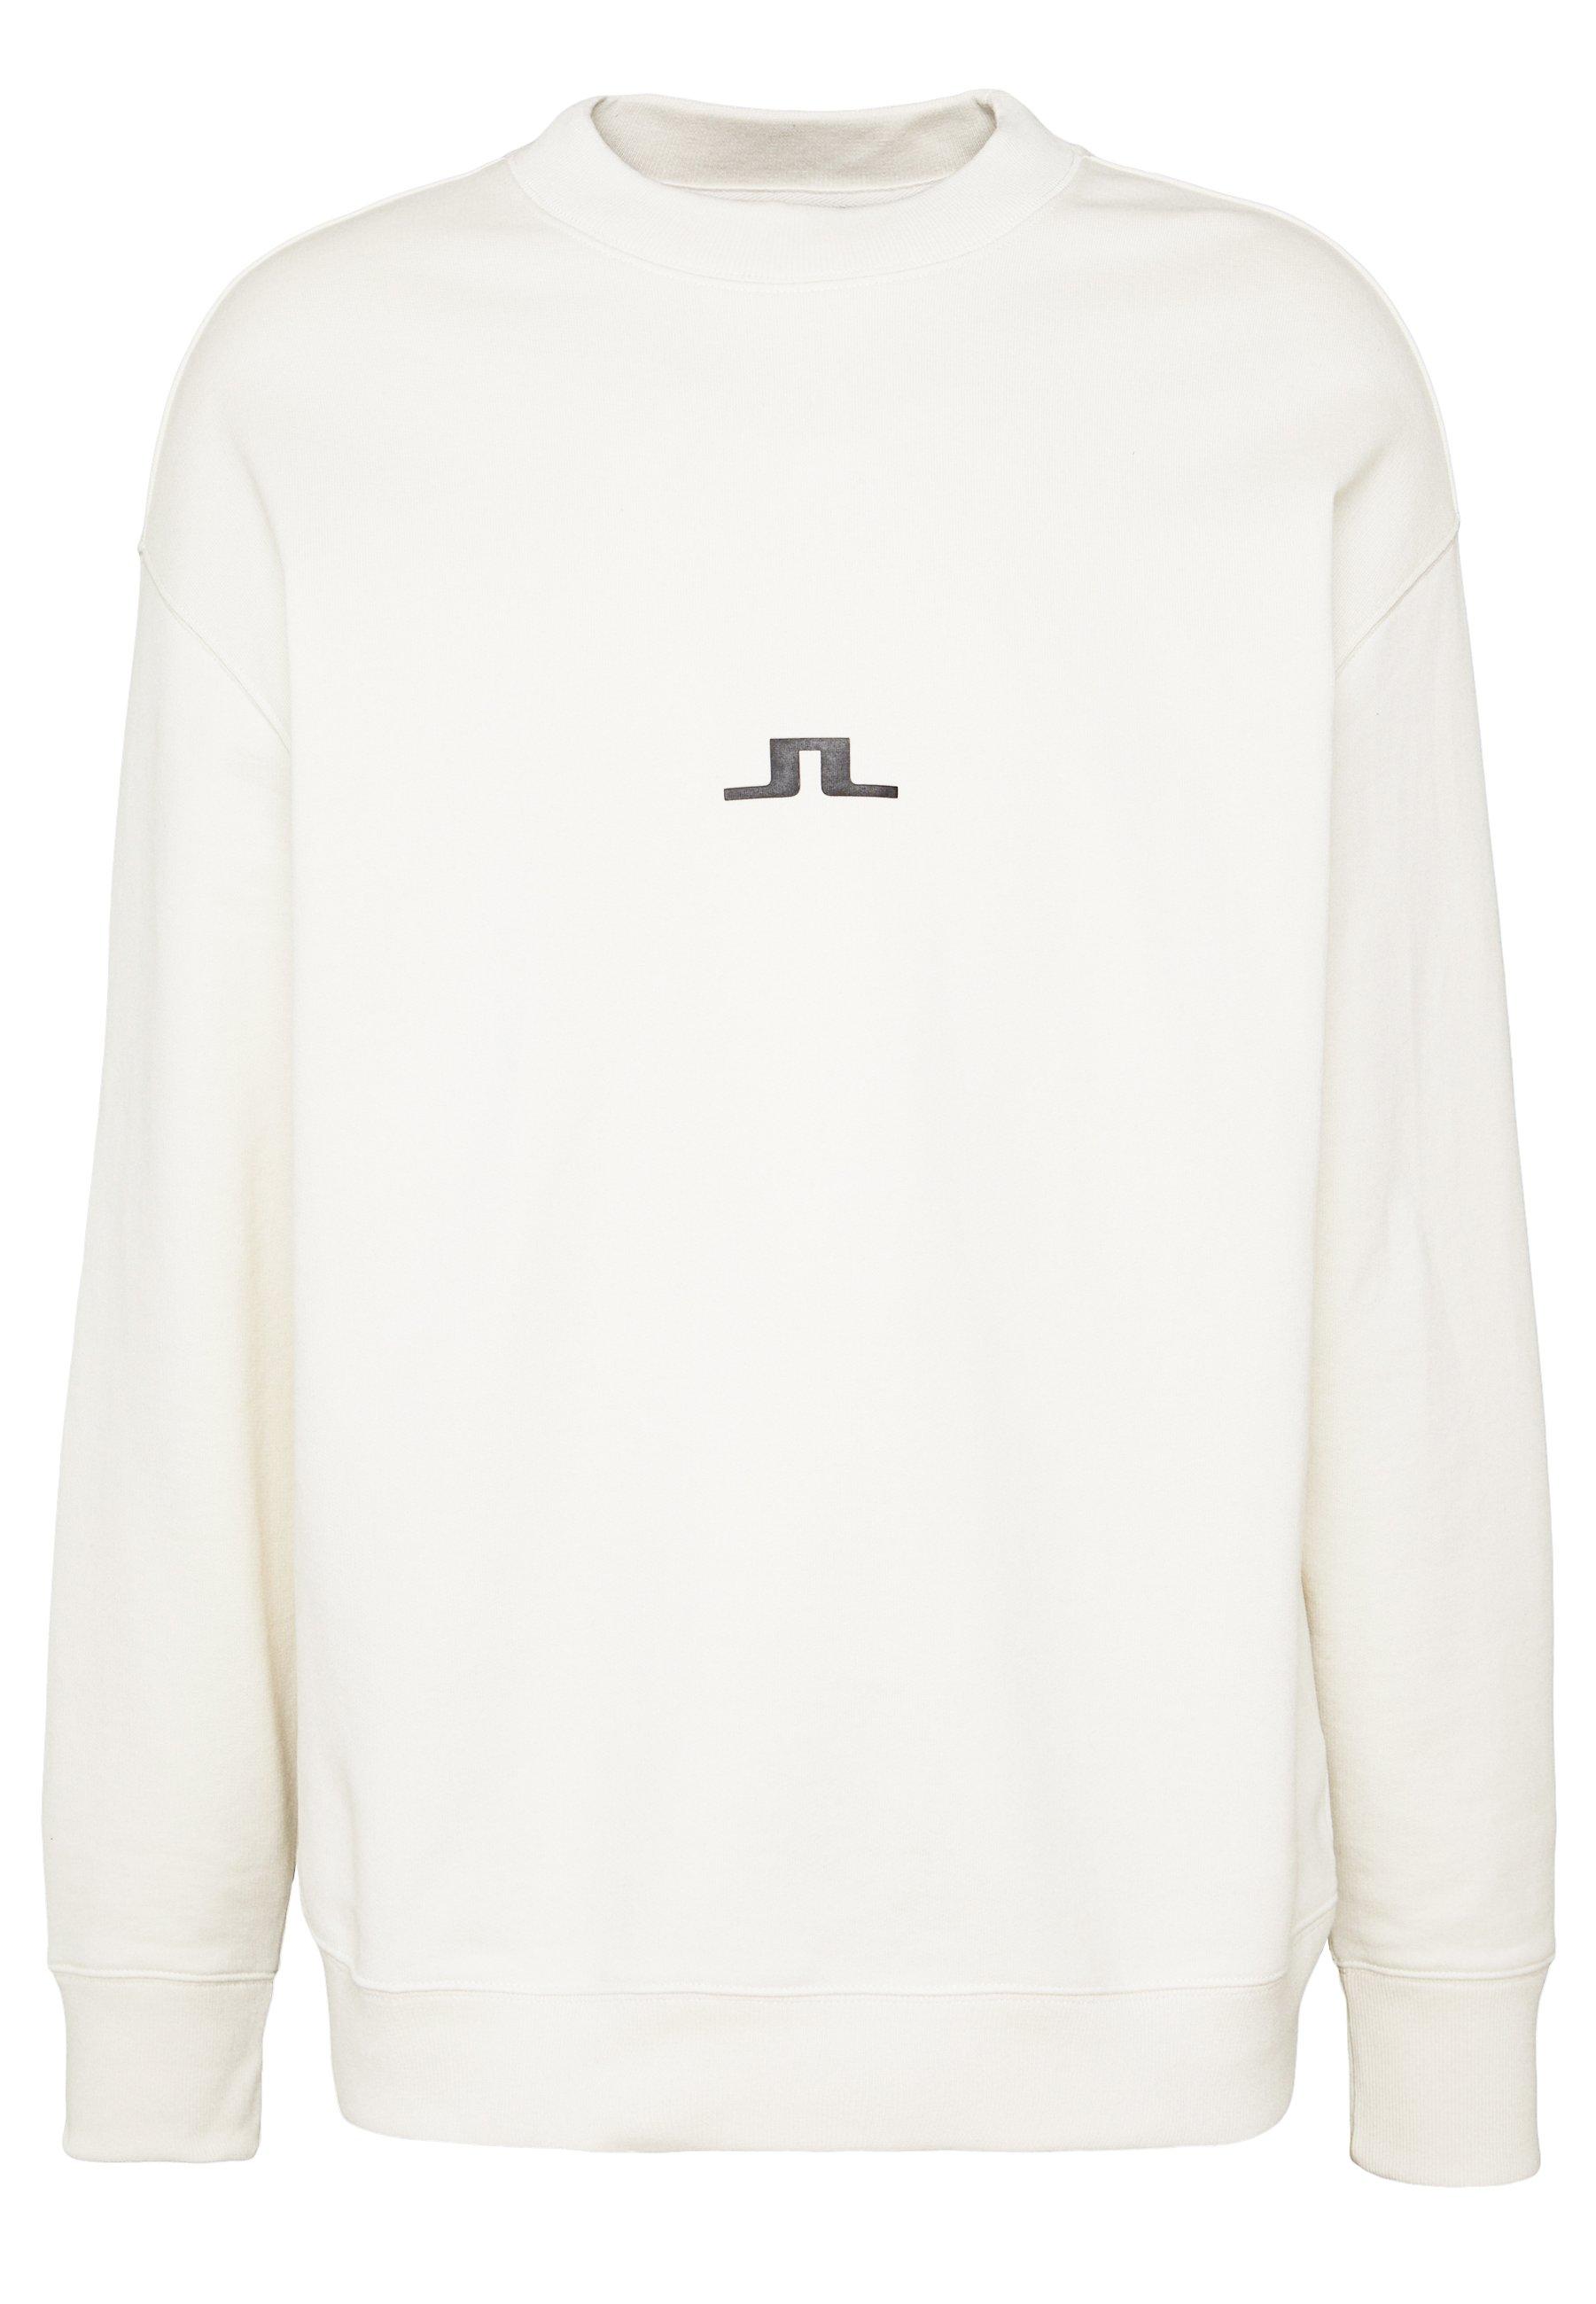 J.LINDEBERG Sweatshirt - cloud dancer